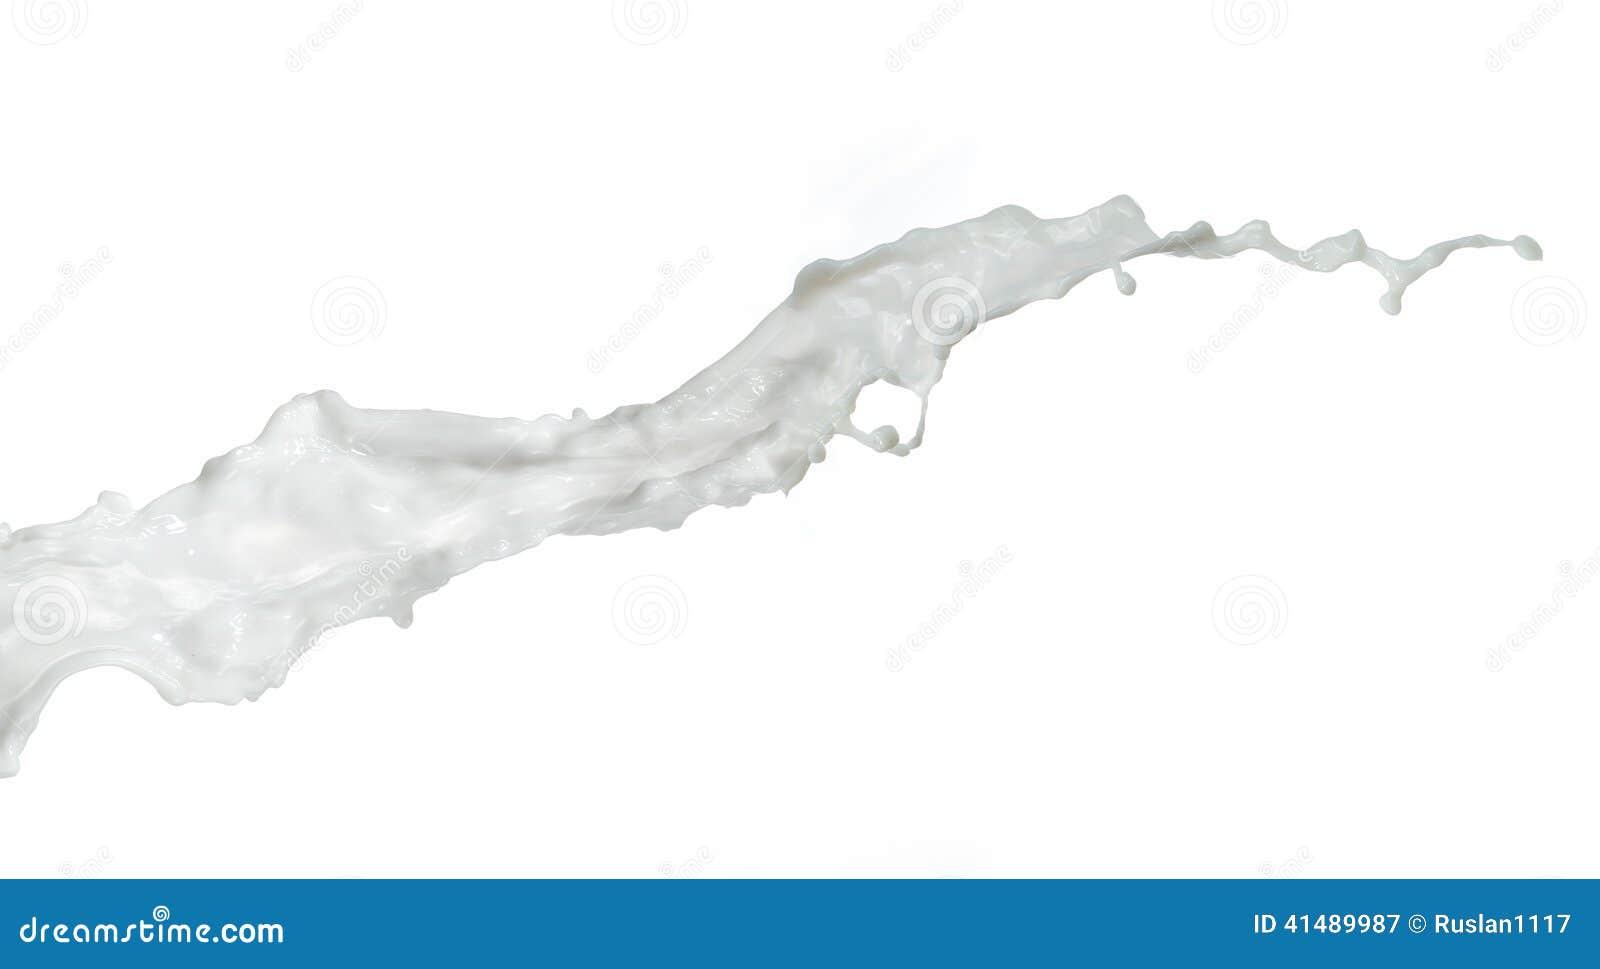 White Lequid